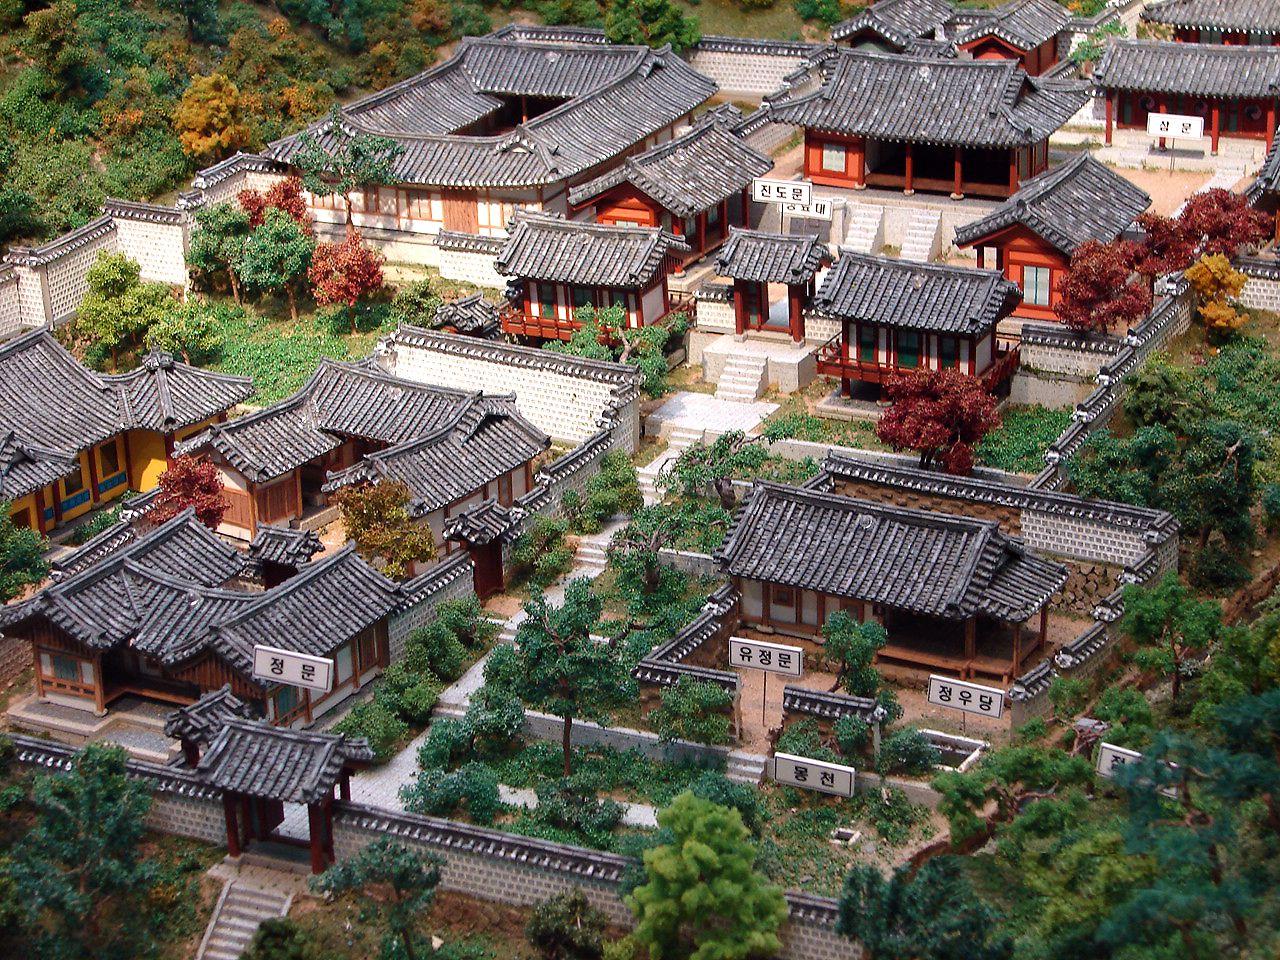 Andong, Kota Tua Masa Lalu Korea, Tempat Banyak Pusar yang Diobral